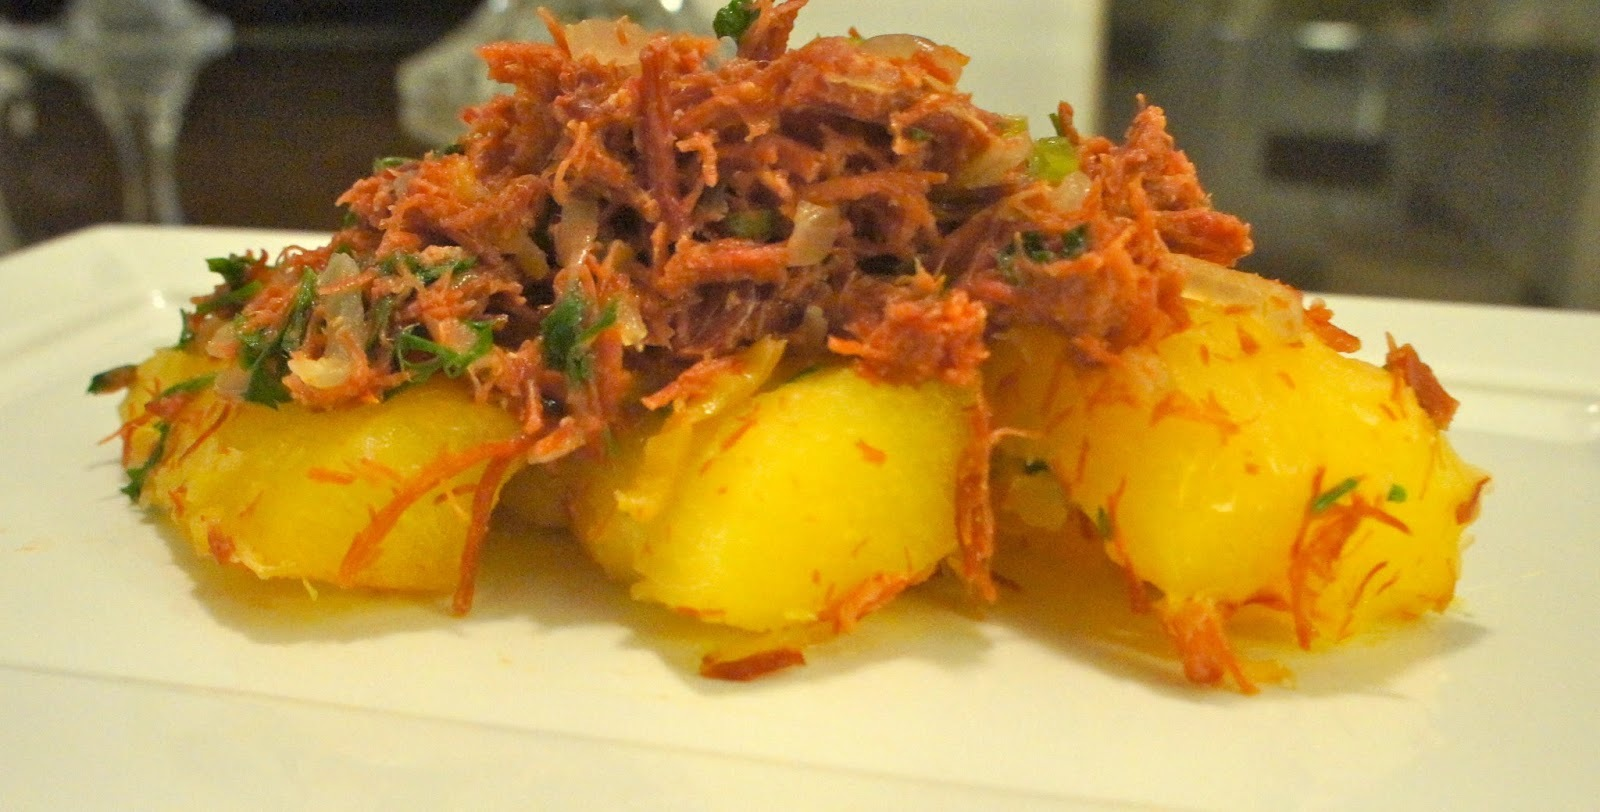 carne de sol pre cozida com mandioca cozida